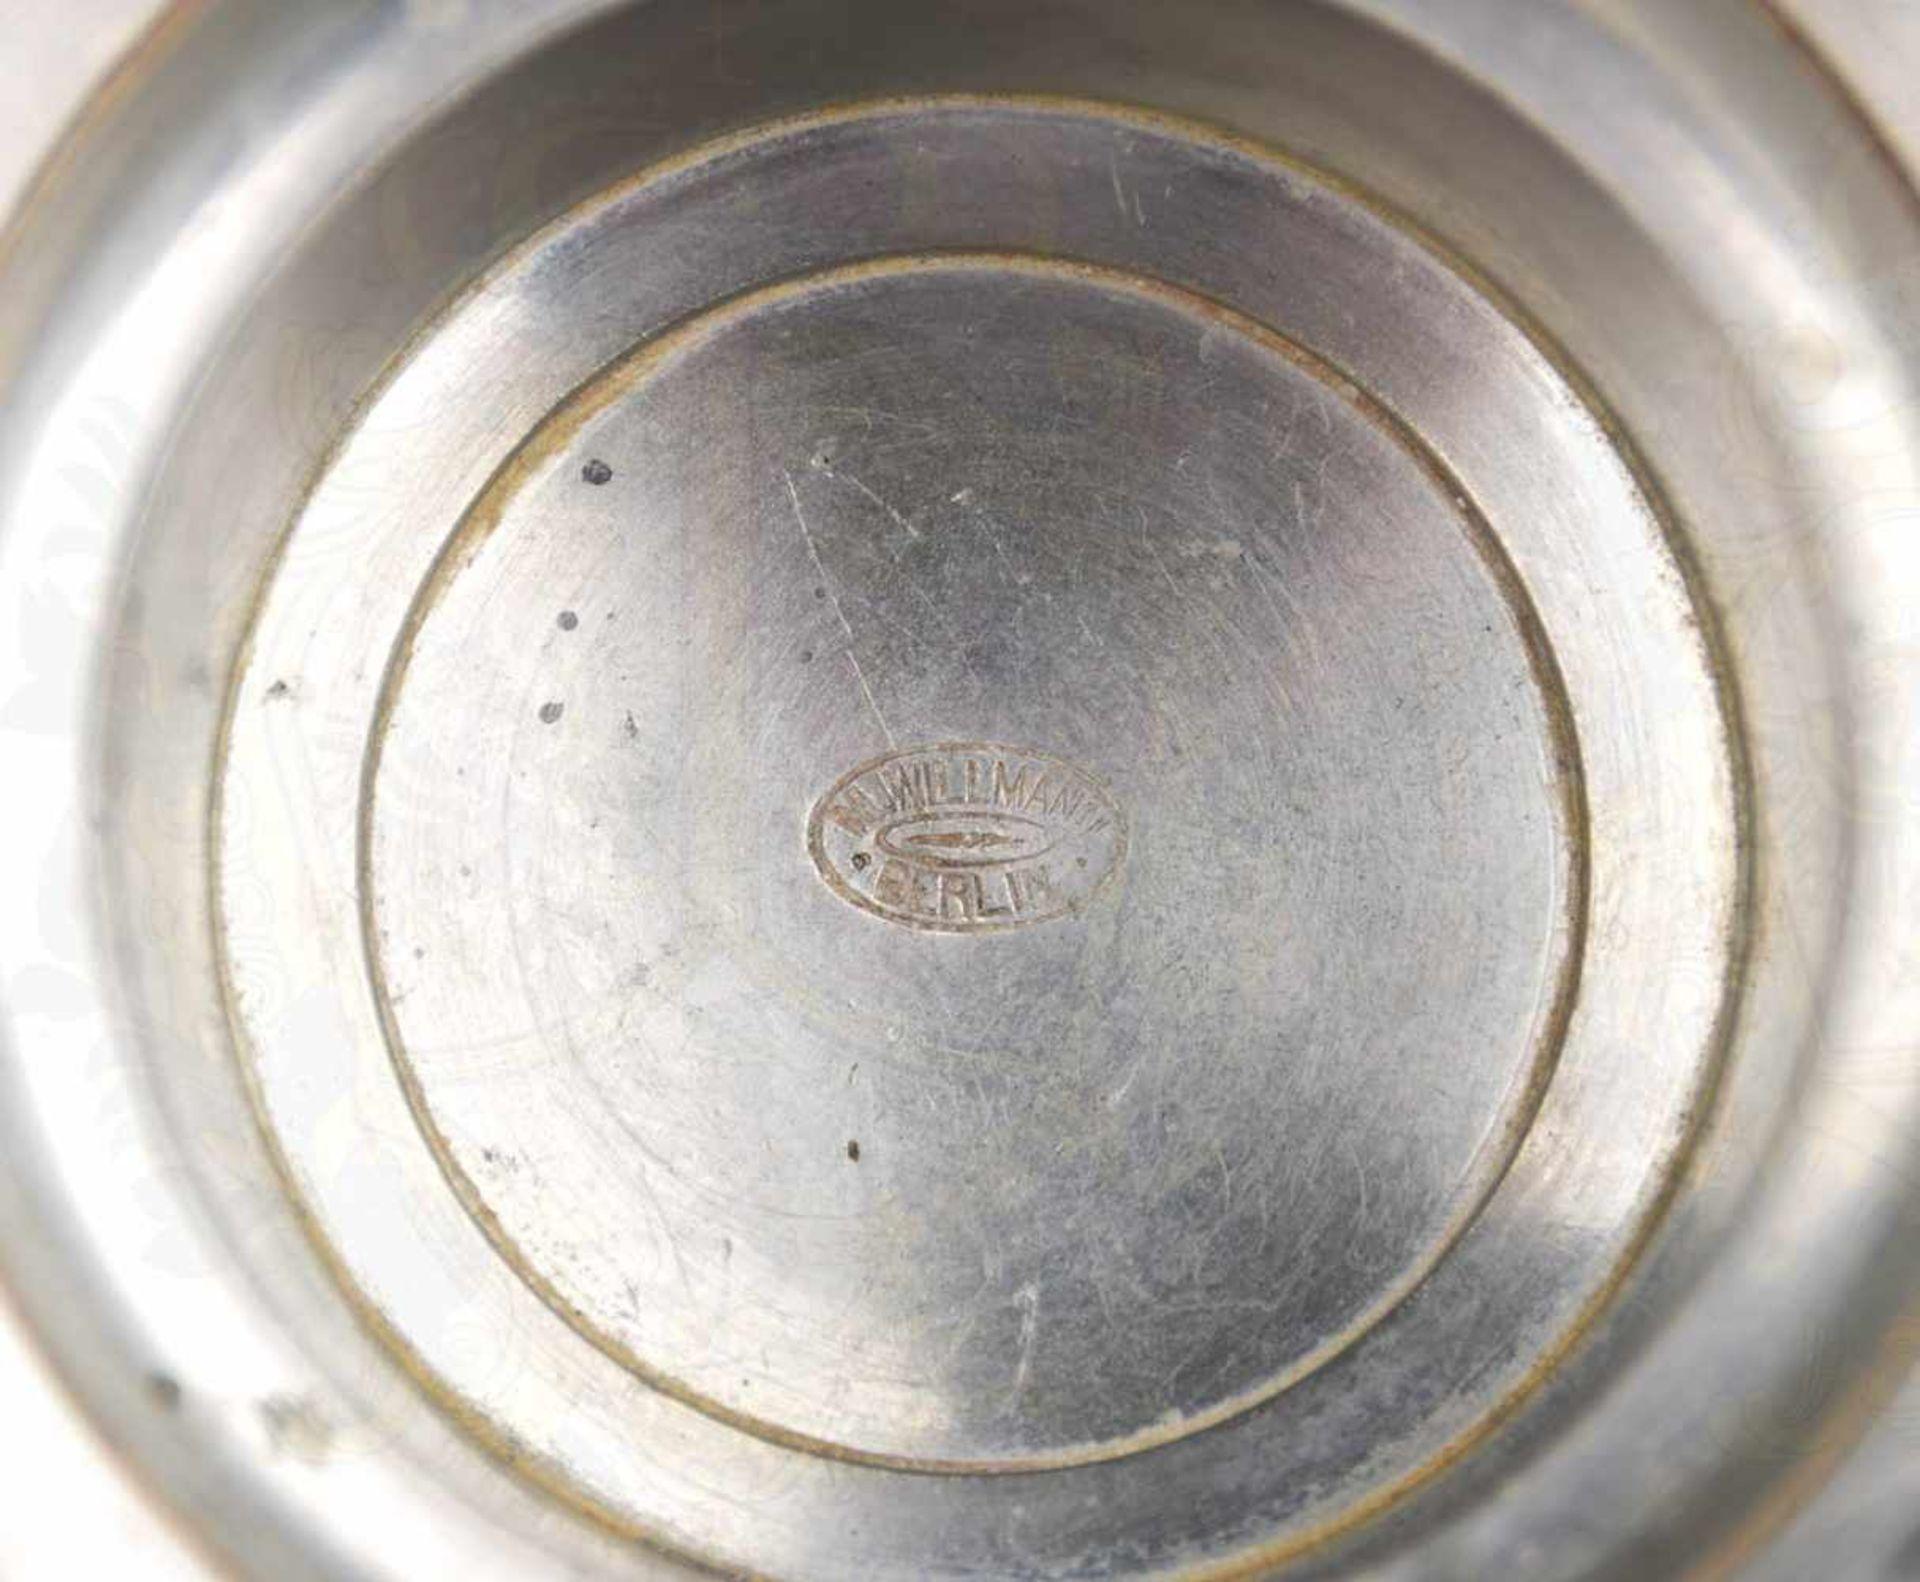 BIERKRUG, 1/2 L., Glas mit schrägen Rillen, gestufter Zinndeckel mit floralen Motiven u. - Bild 3 aus 3